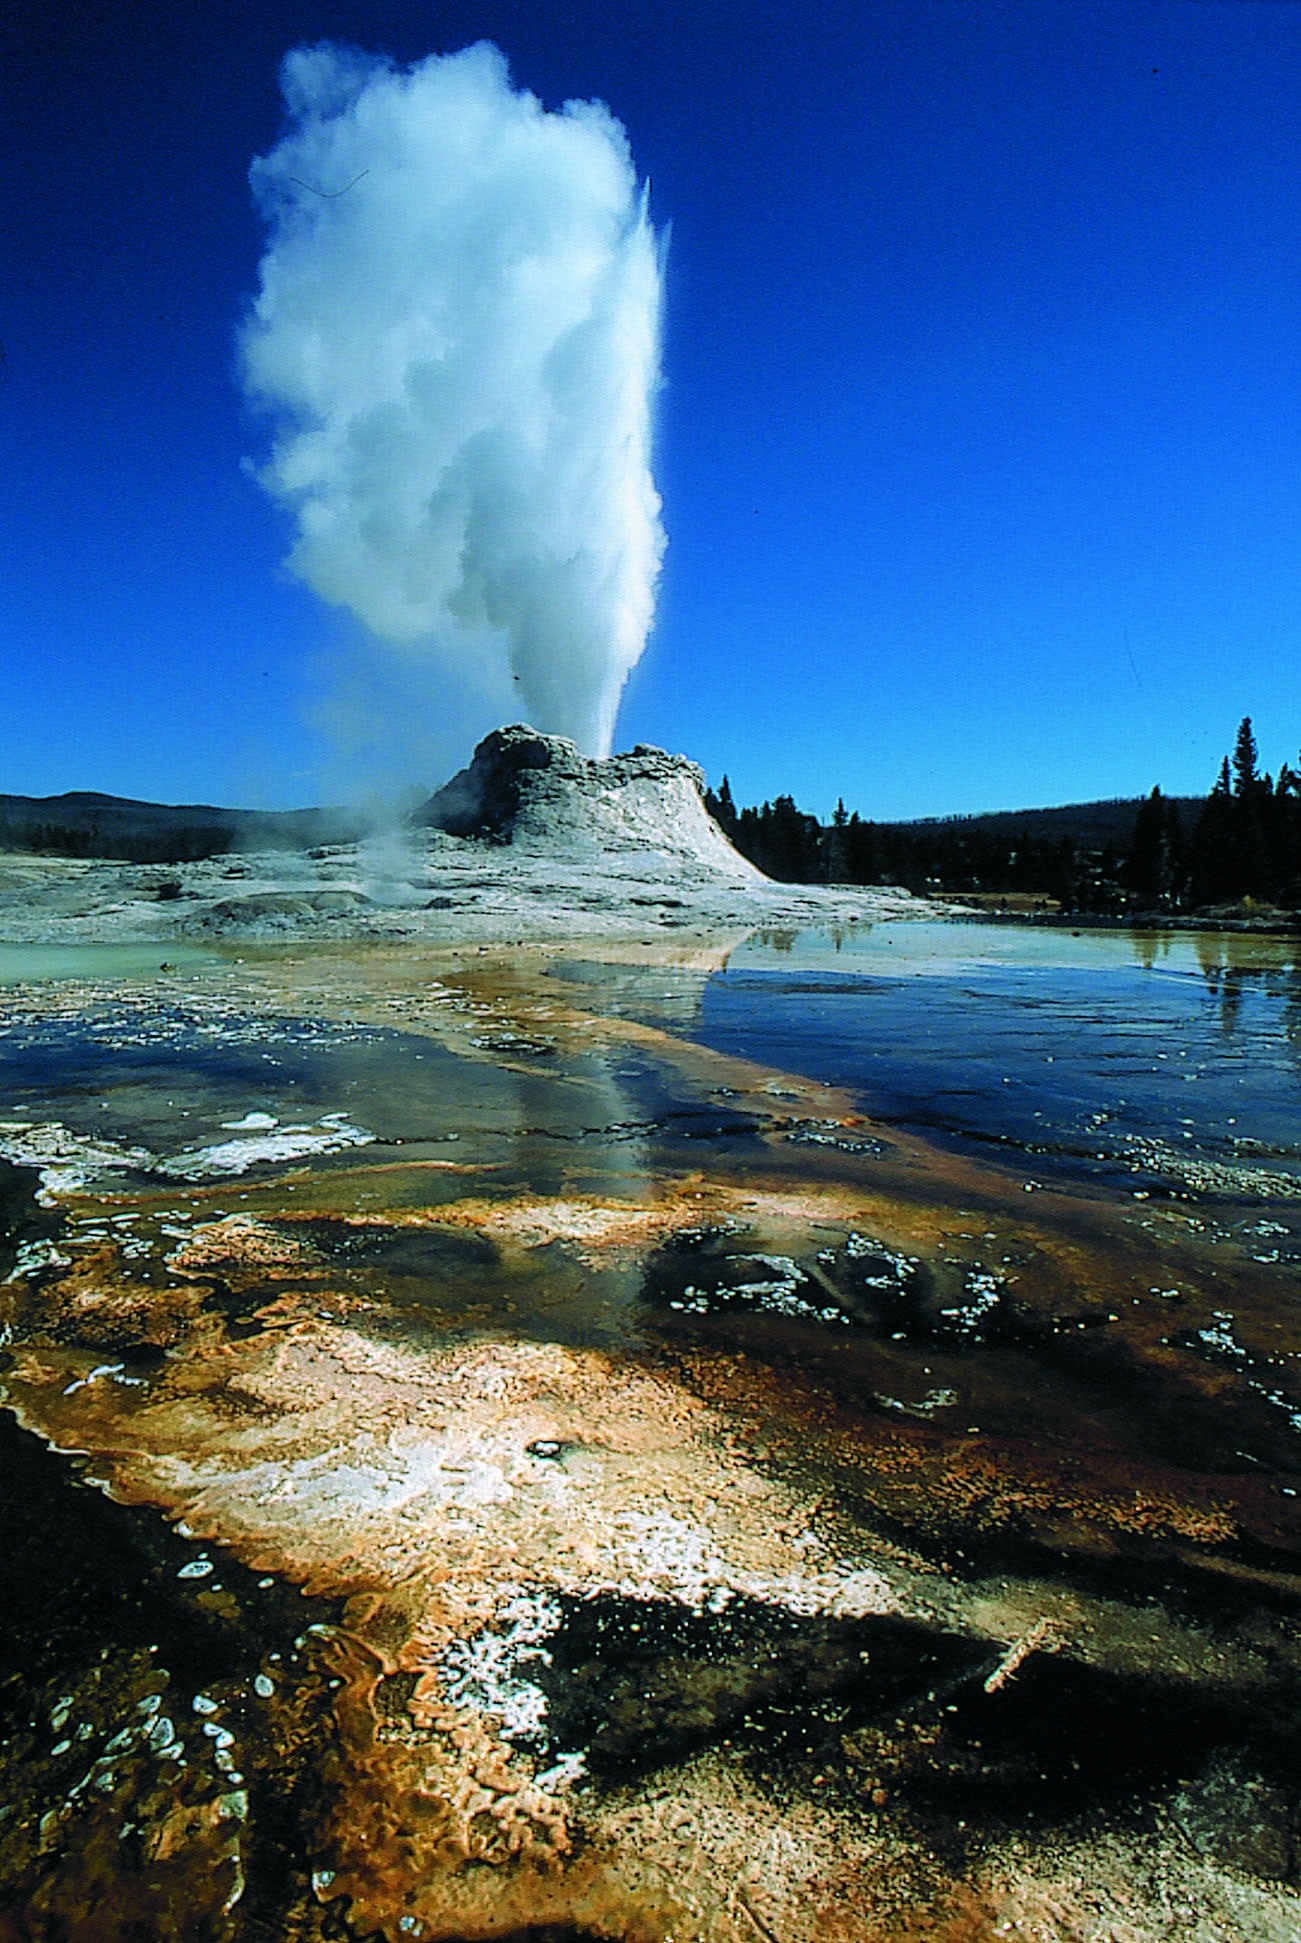 Gêiser Iceland 02 erupções - YouTube